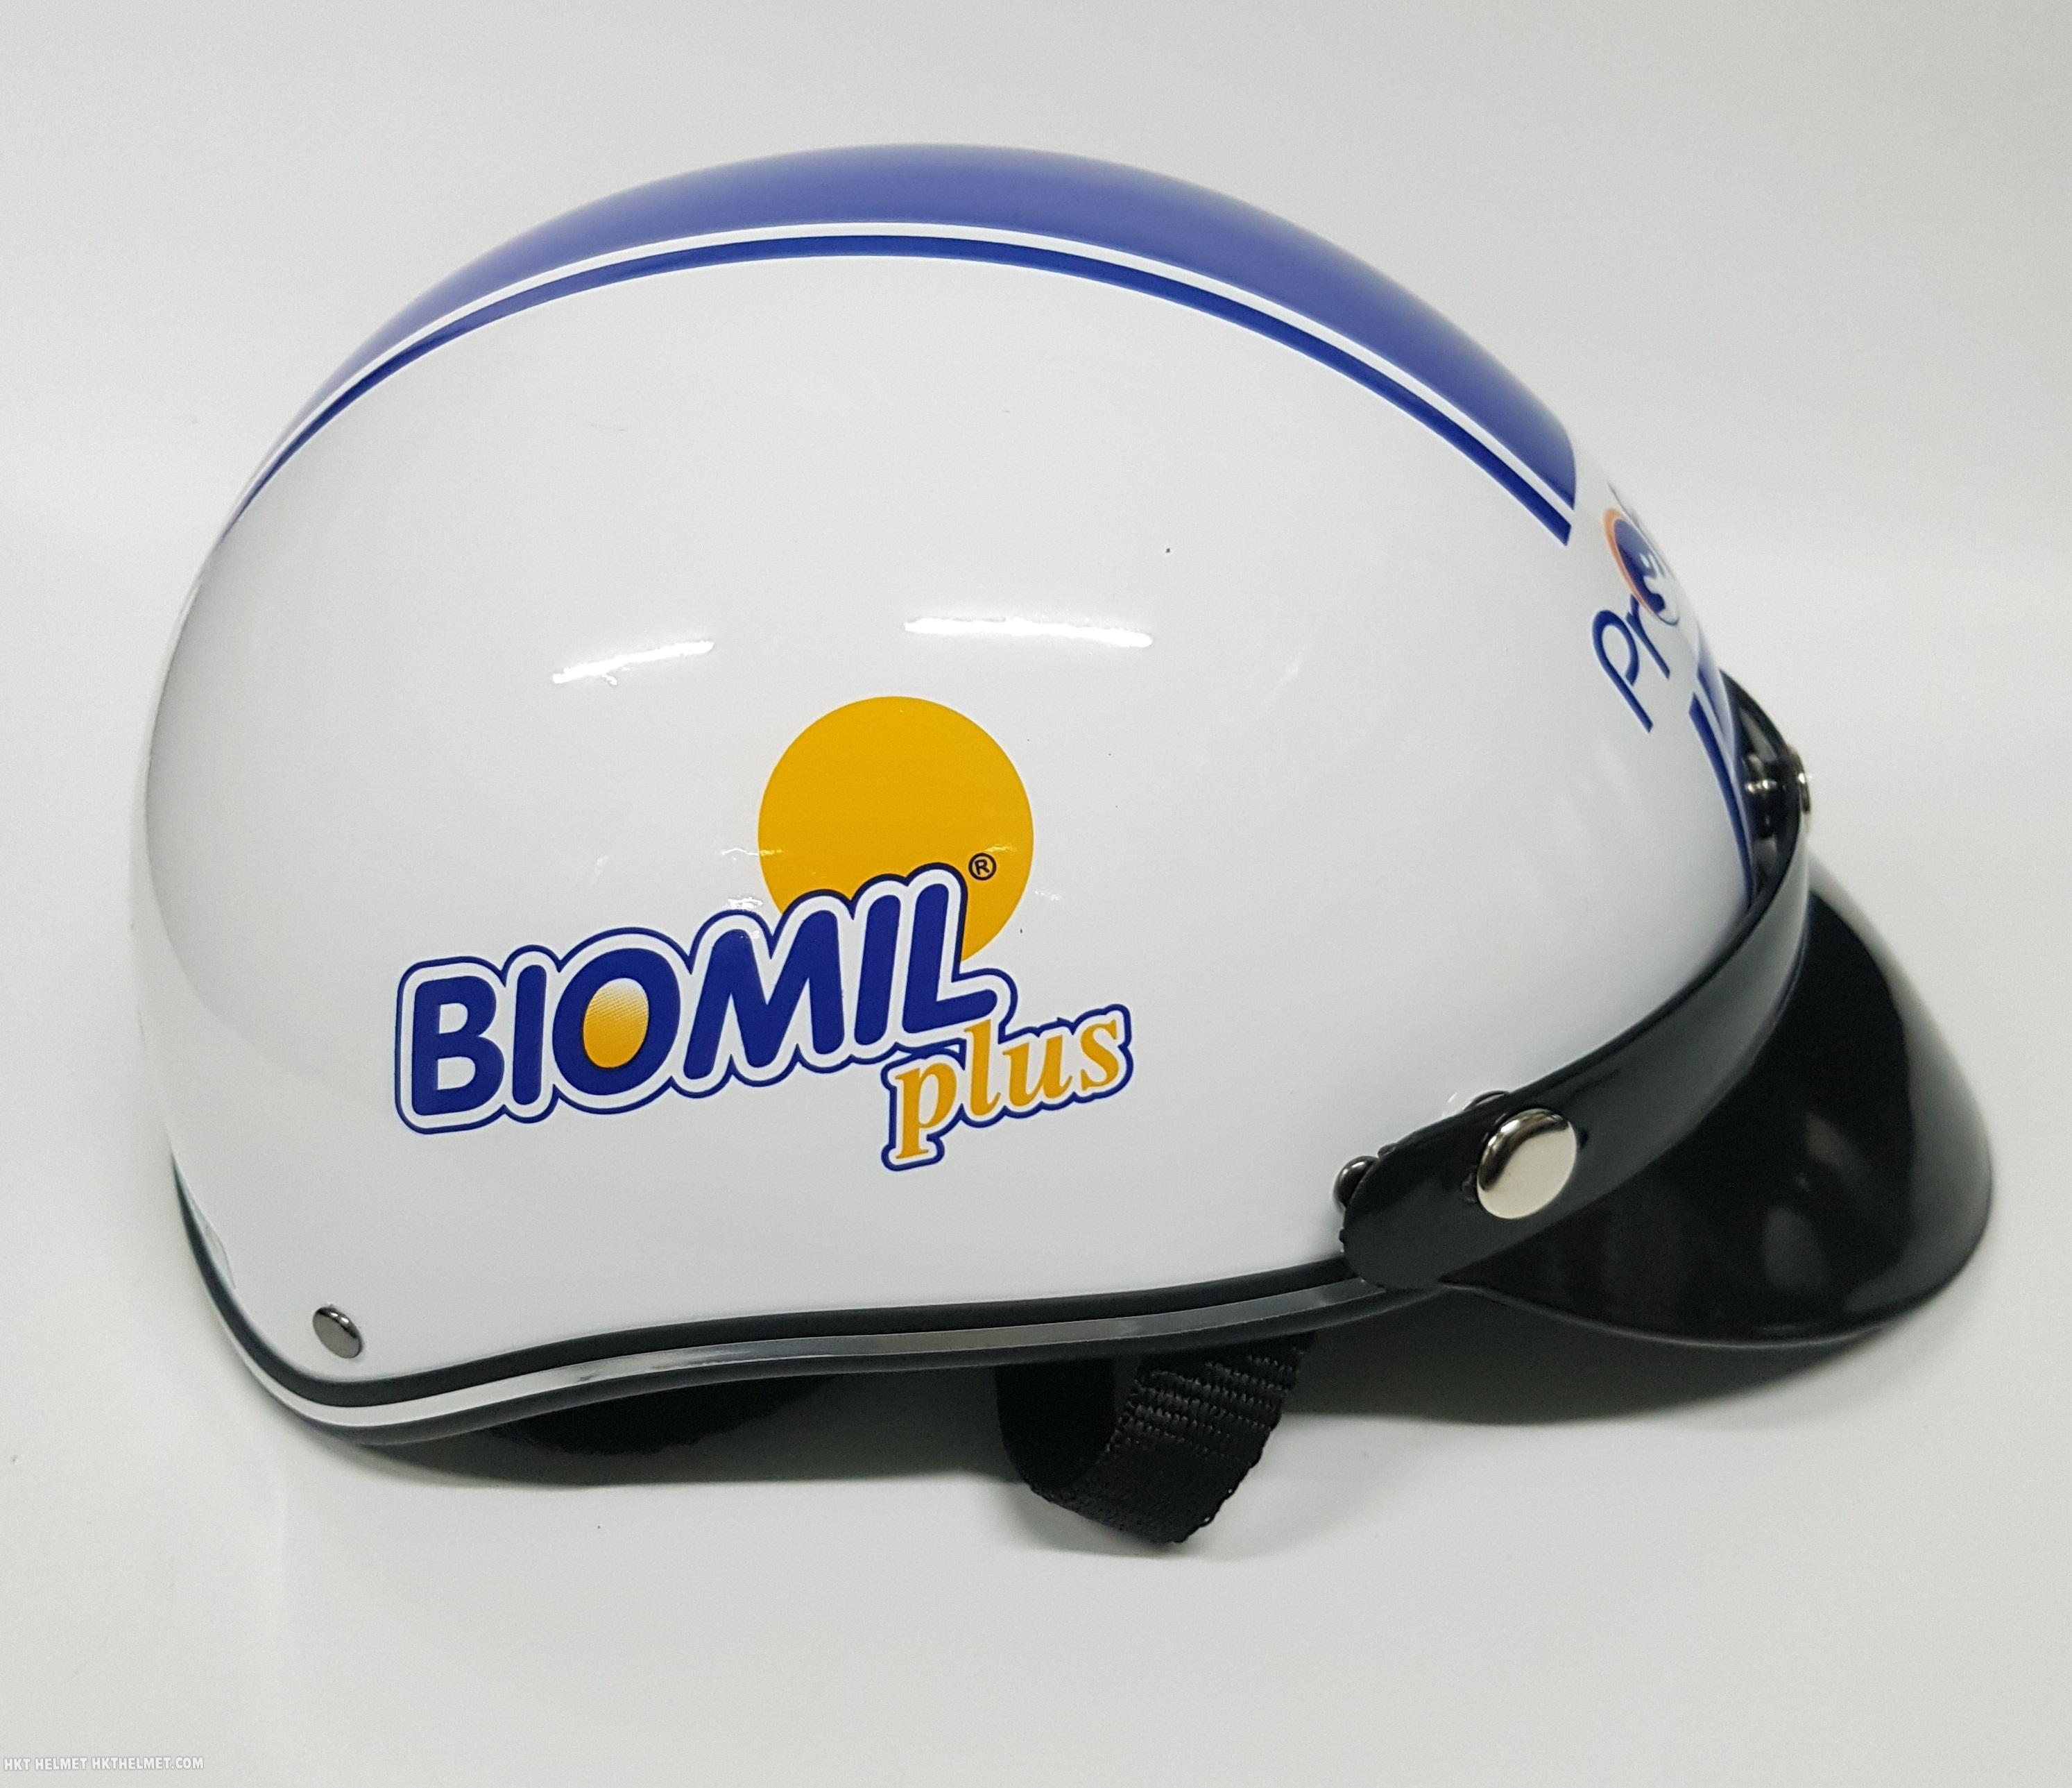 Nón Quảng Cáo Công Ty BIOMIL Plus